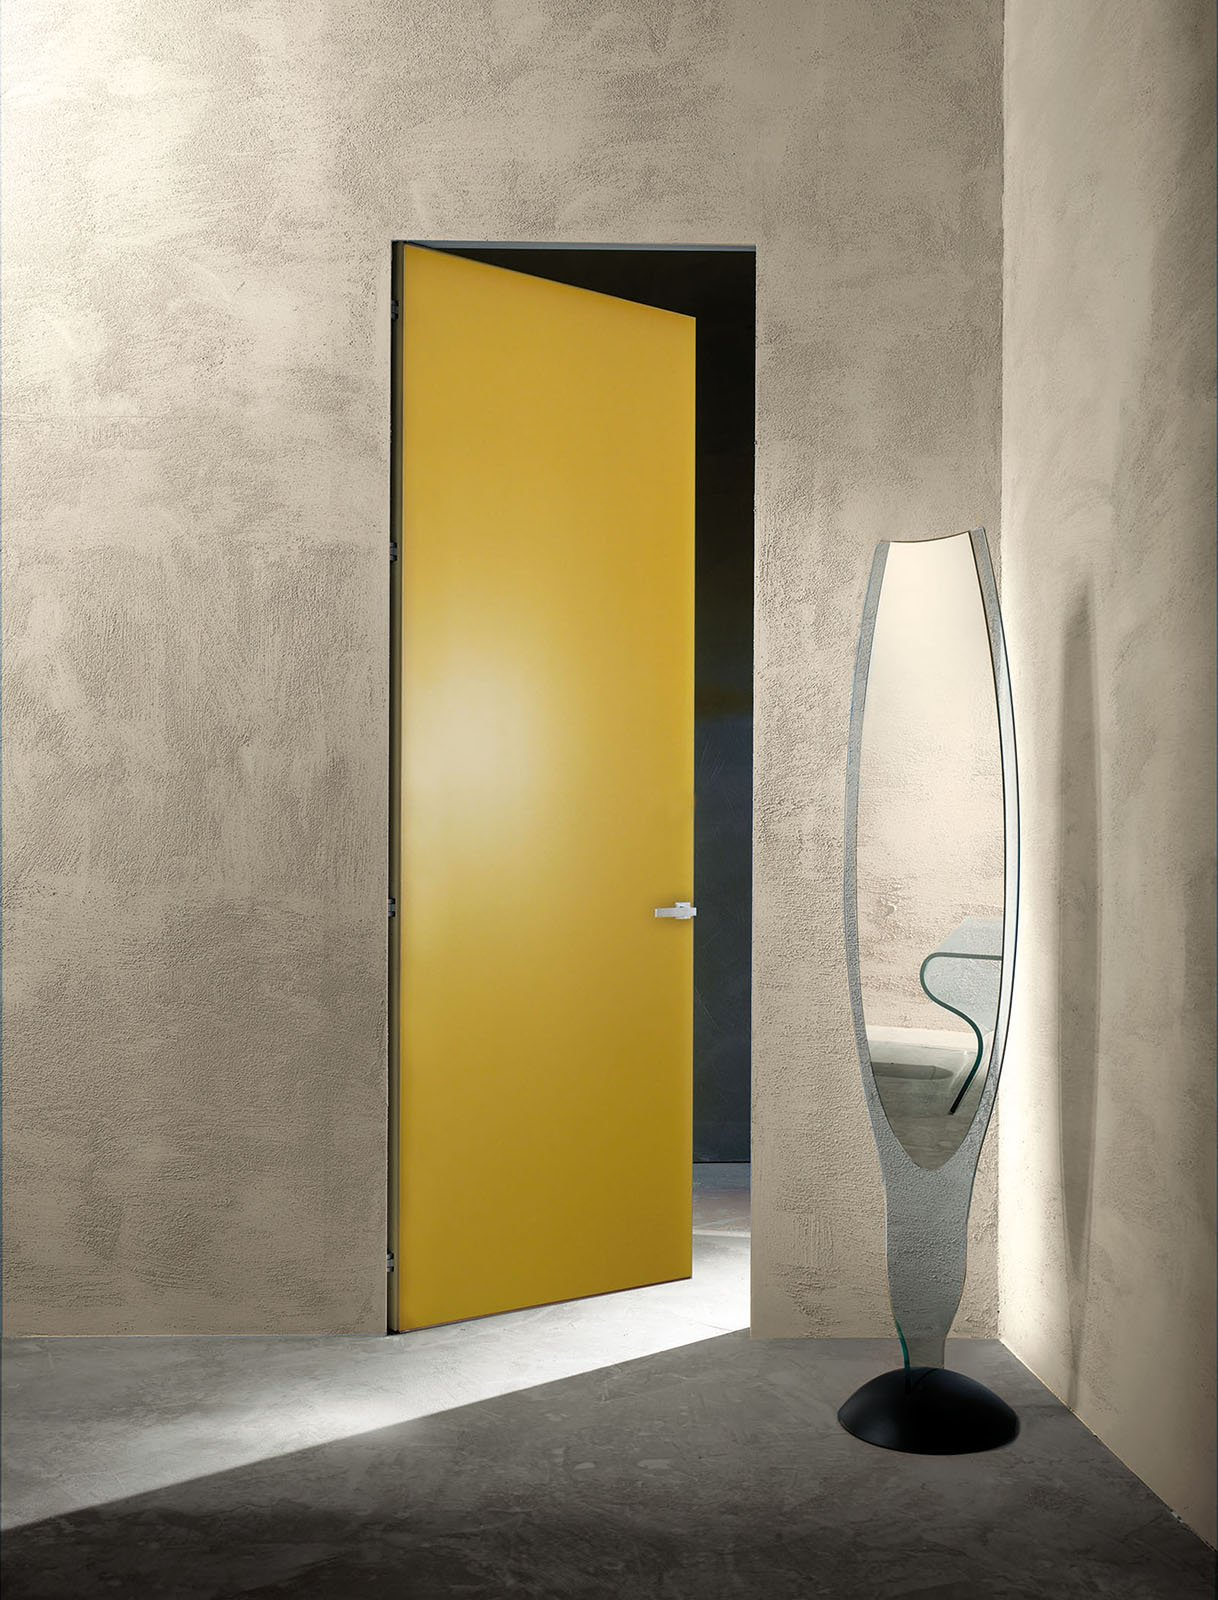 Porte a filo muro design essenziale o finitura d cor - Porte per la casa ...